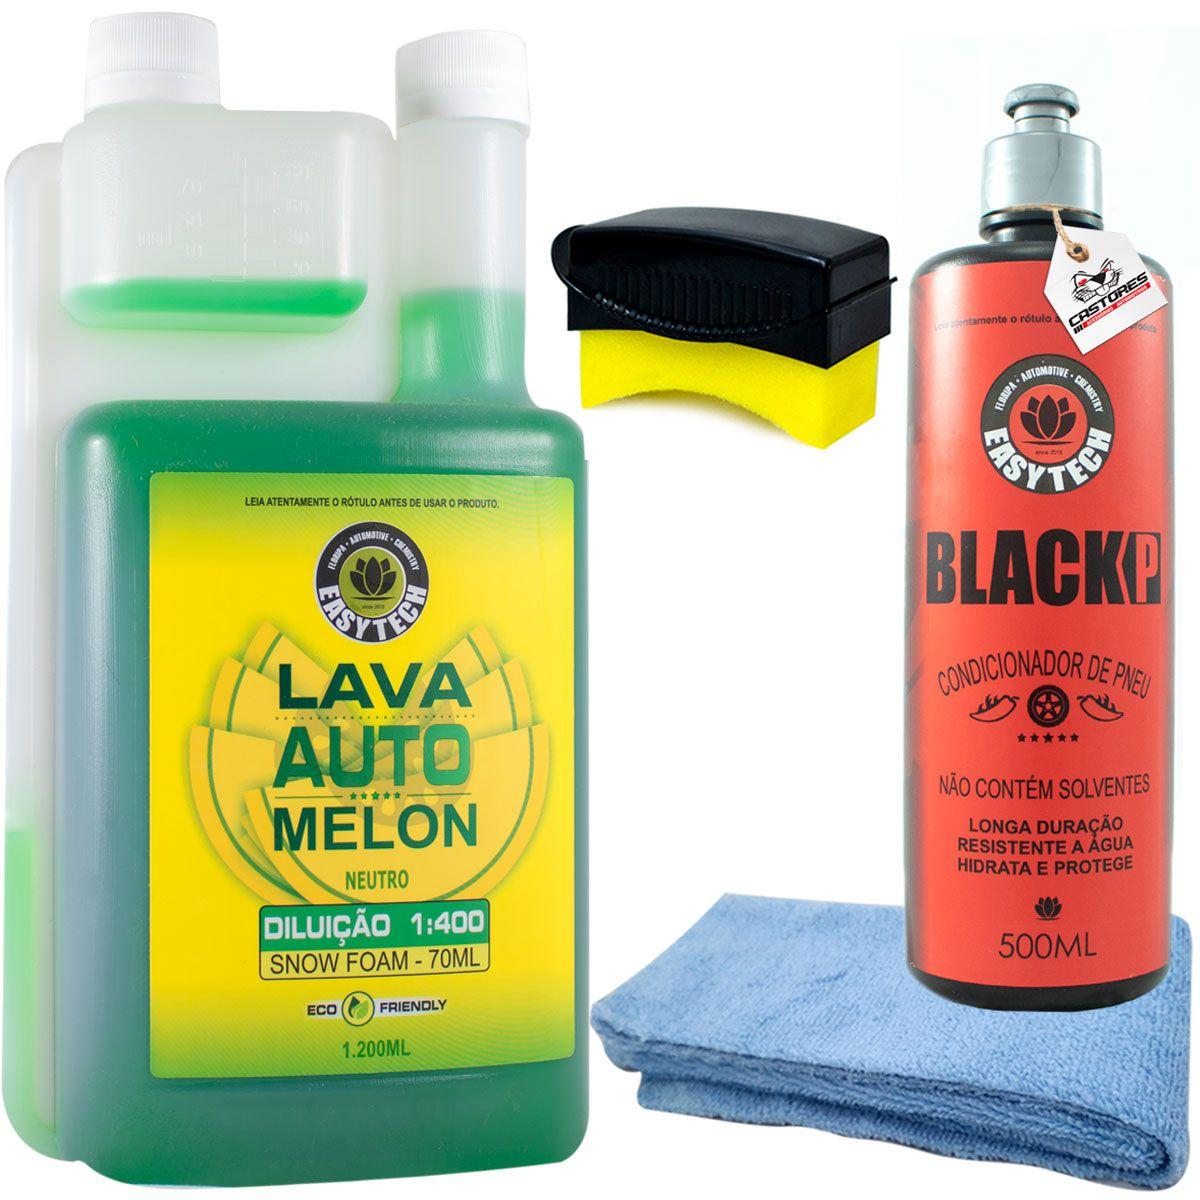 Kit Lavagem Shampoo Melon + Black P Easy Tech + Aplicador De Pretinho + Microfibra